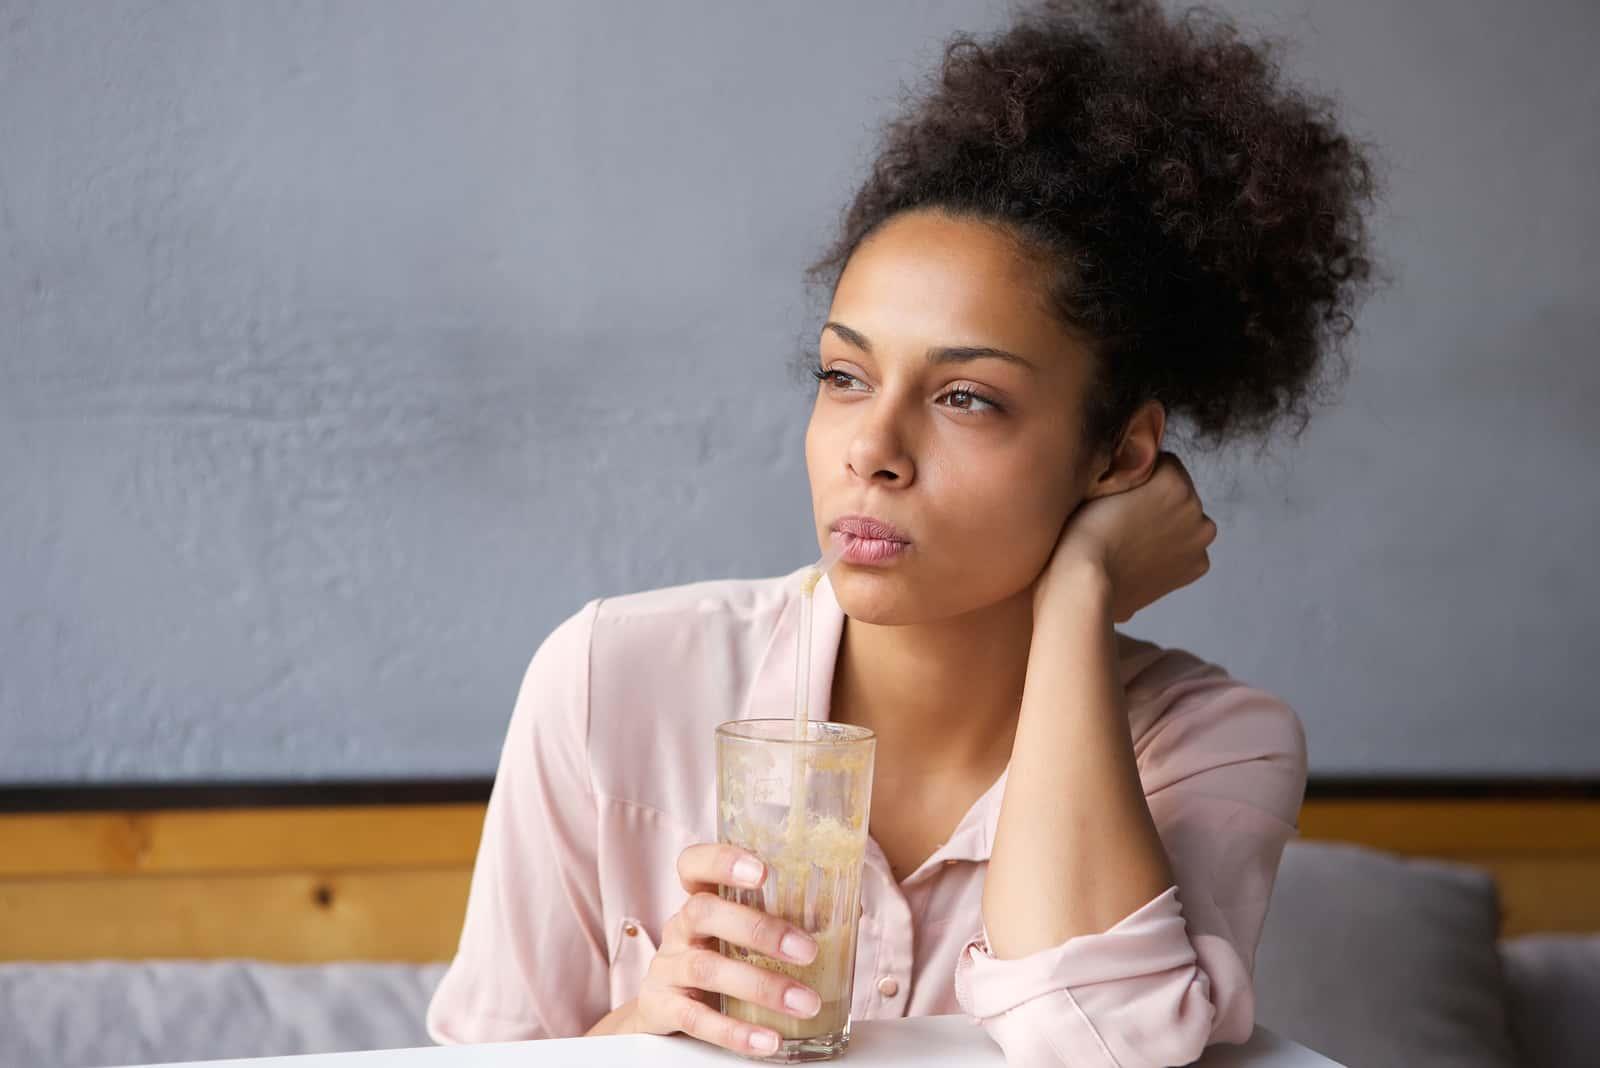 nachdenkliche Frau, die Milchshake trinkt